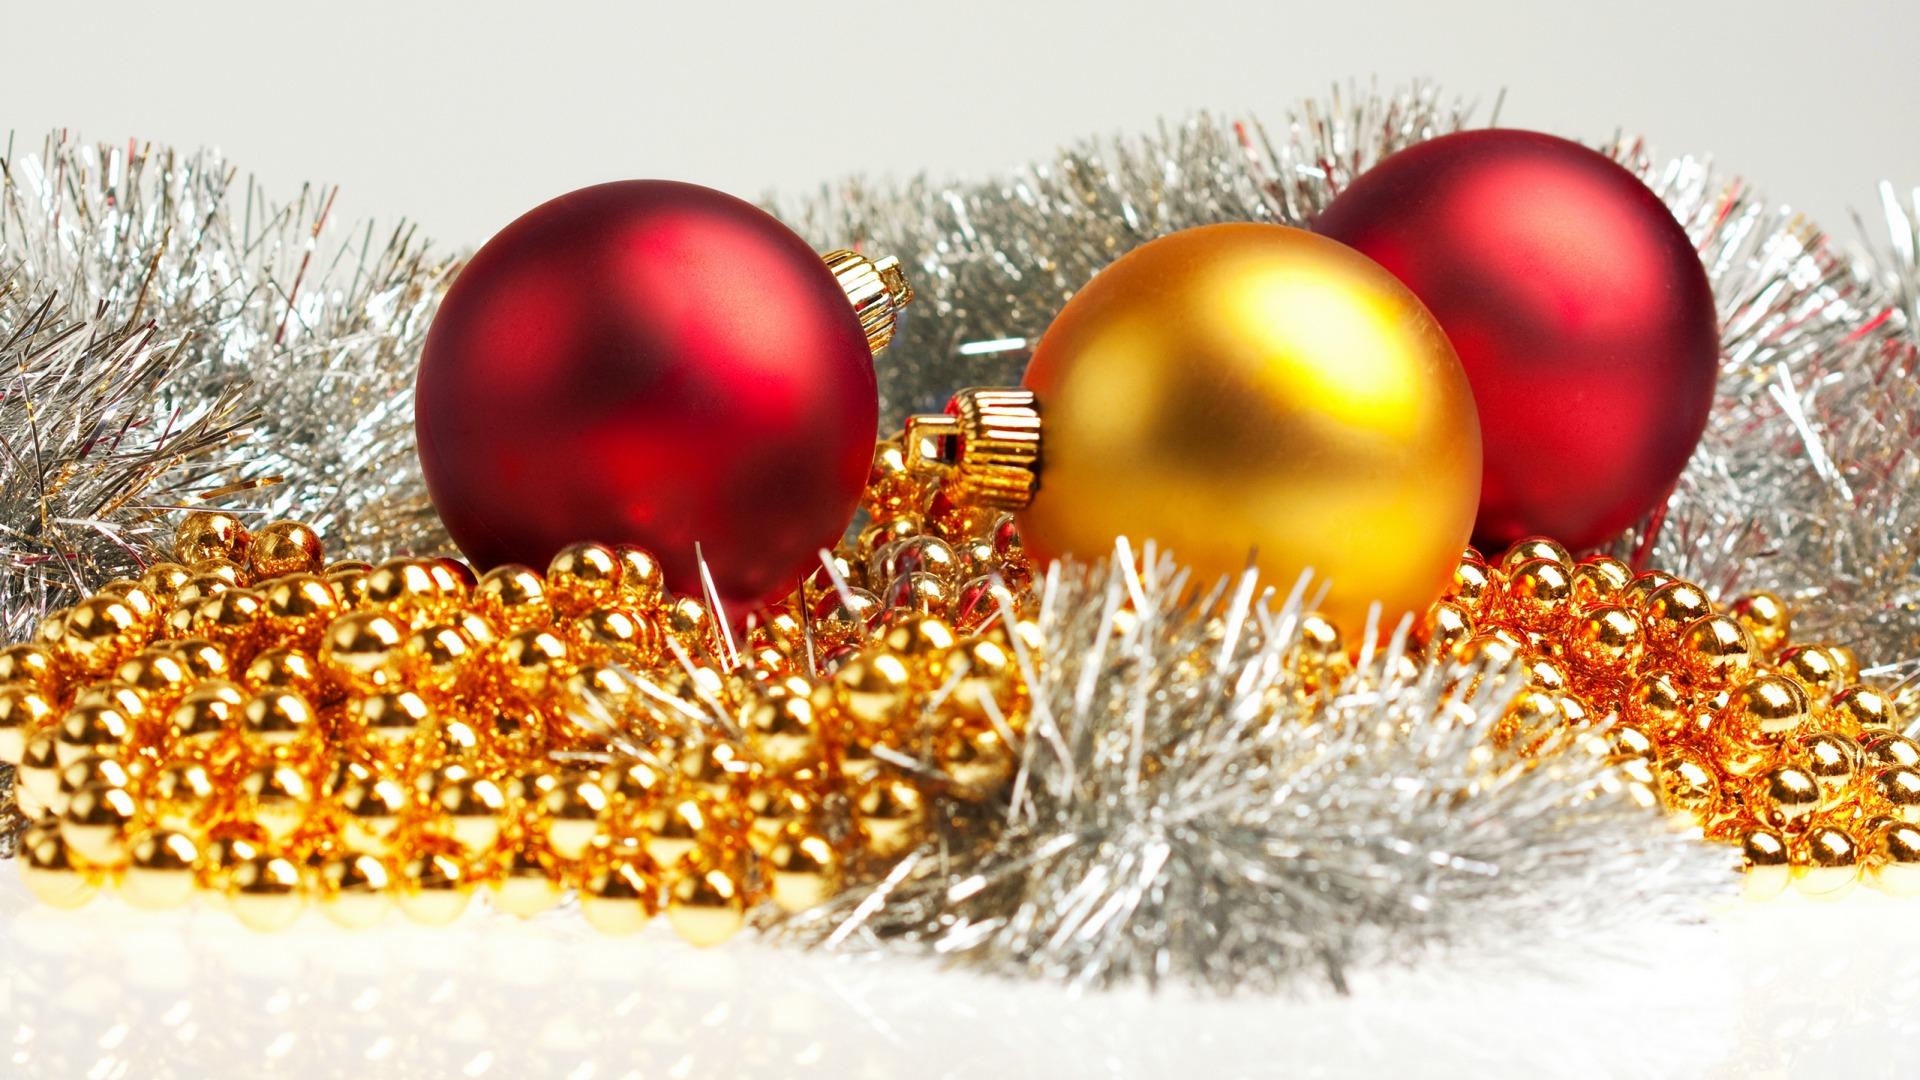 Bộ Sưu Tập Ảnh Giáng Sinh - Page 5 08818